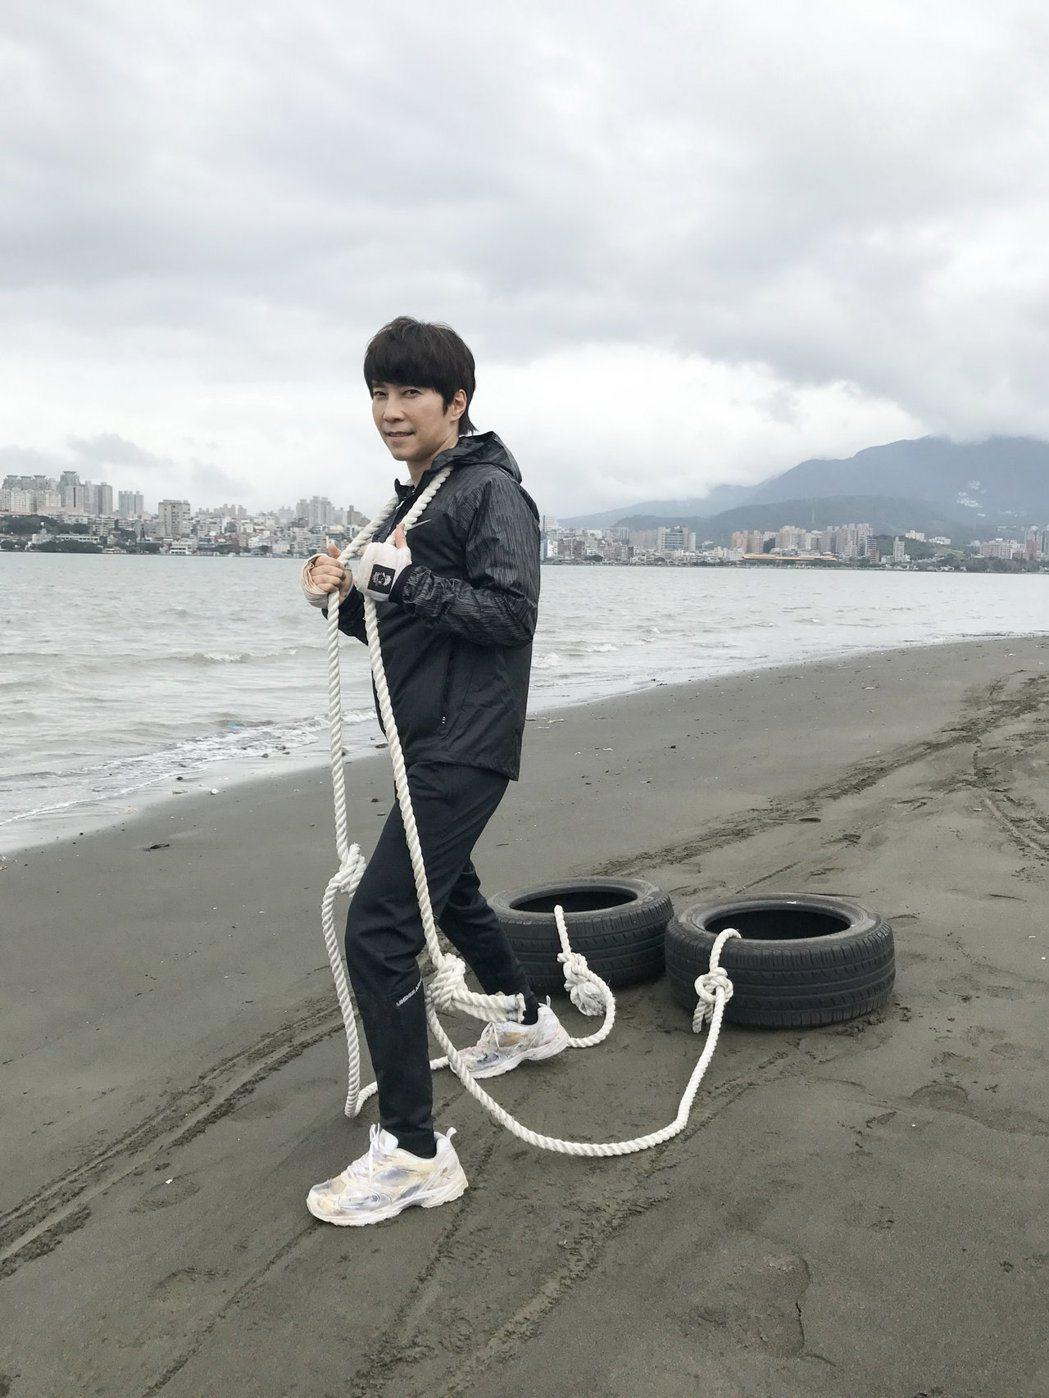 斯文邰正宵MV變身拳擊手浩克,右耳受傷耳鳴。 圖/起初娛樂提供